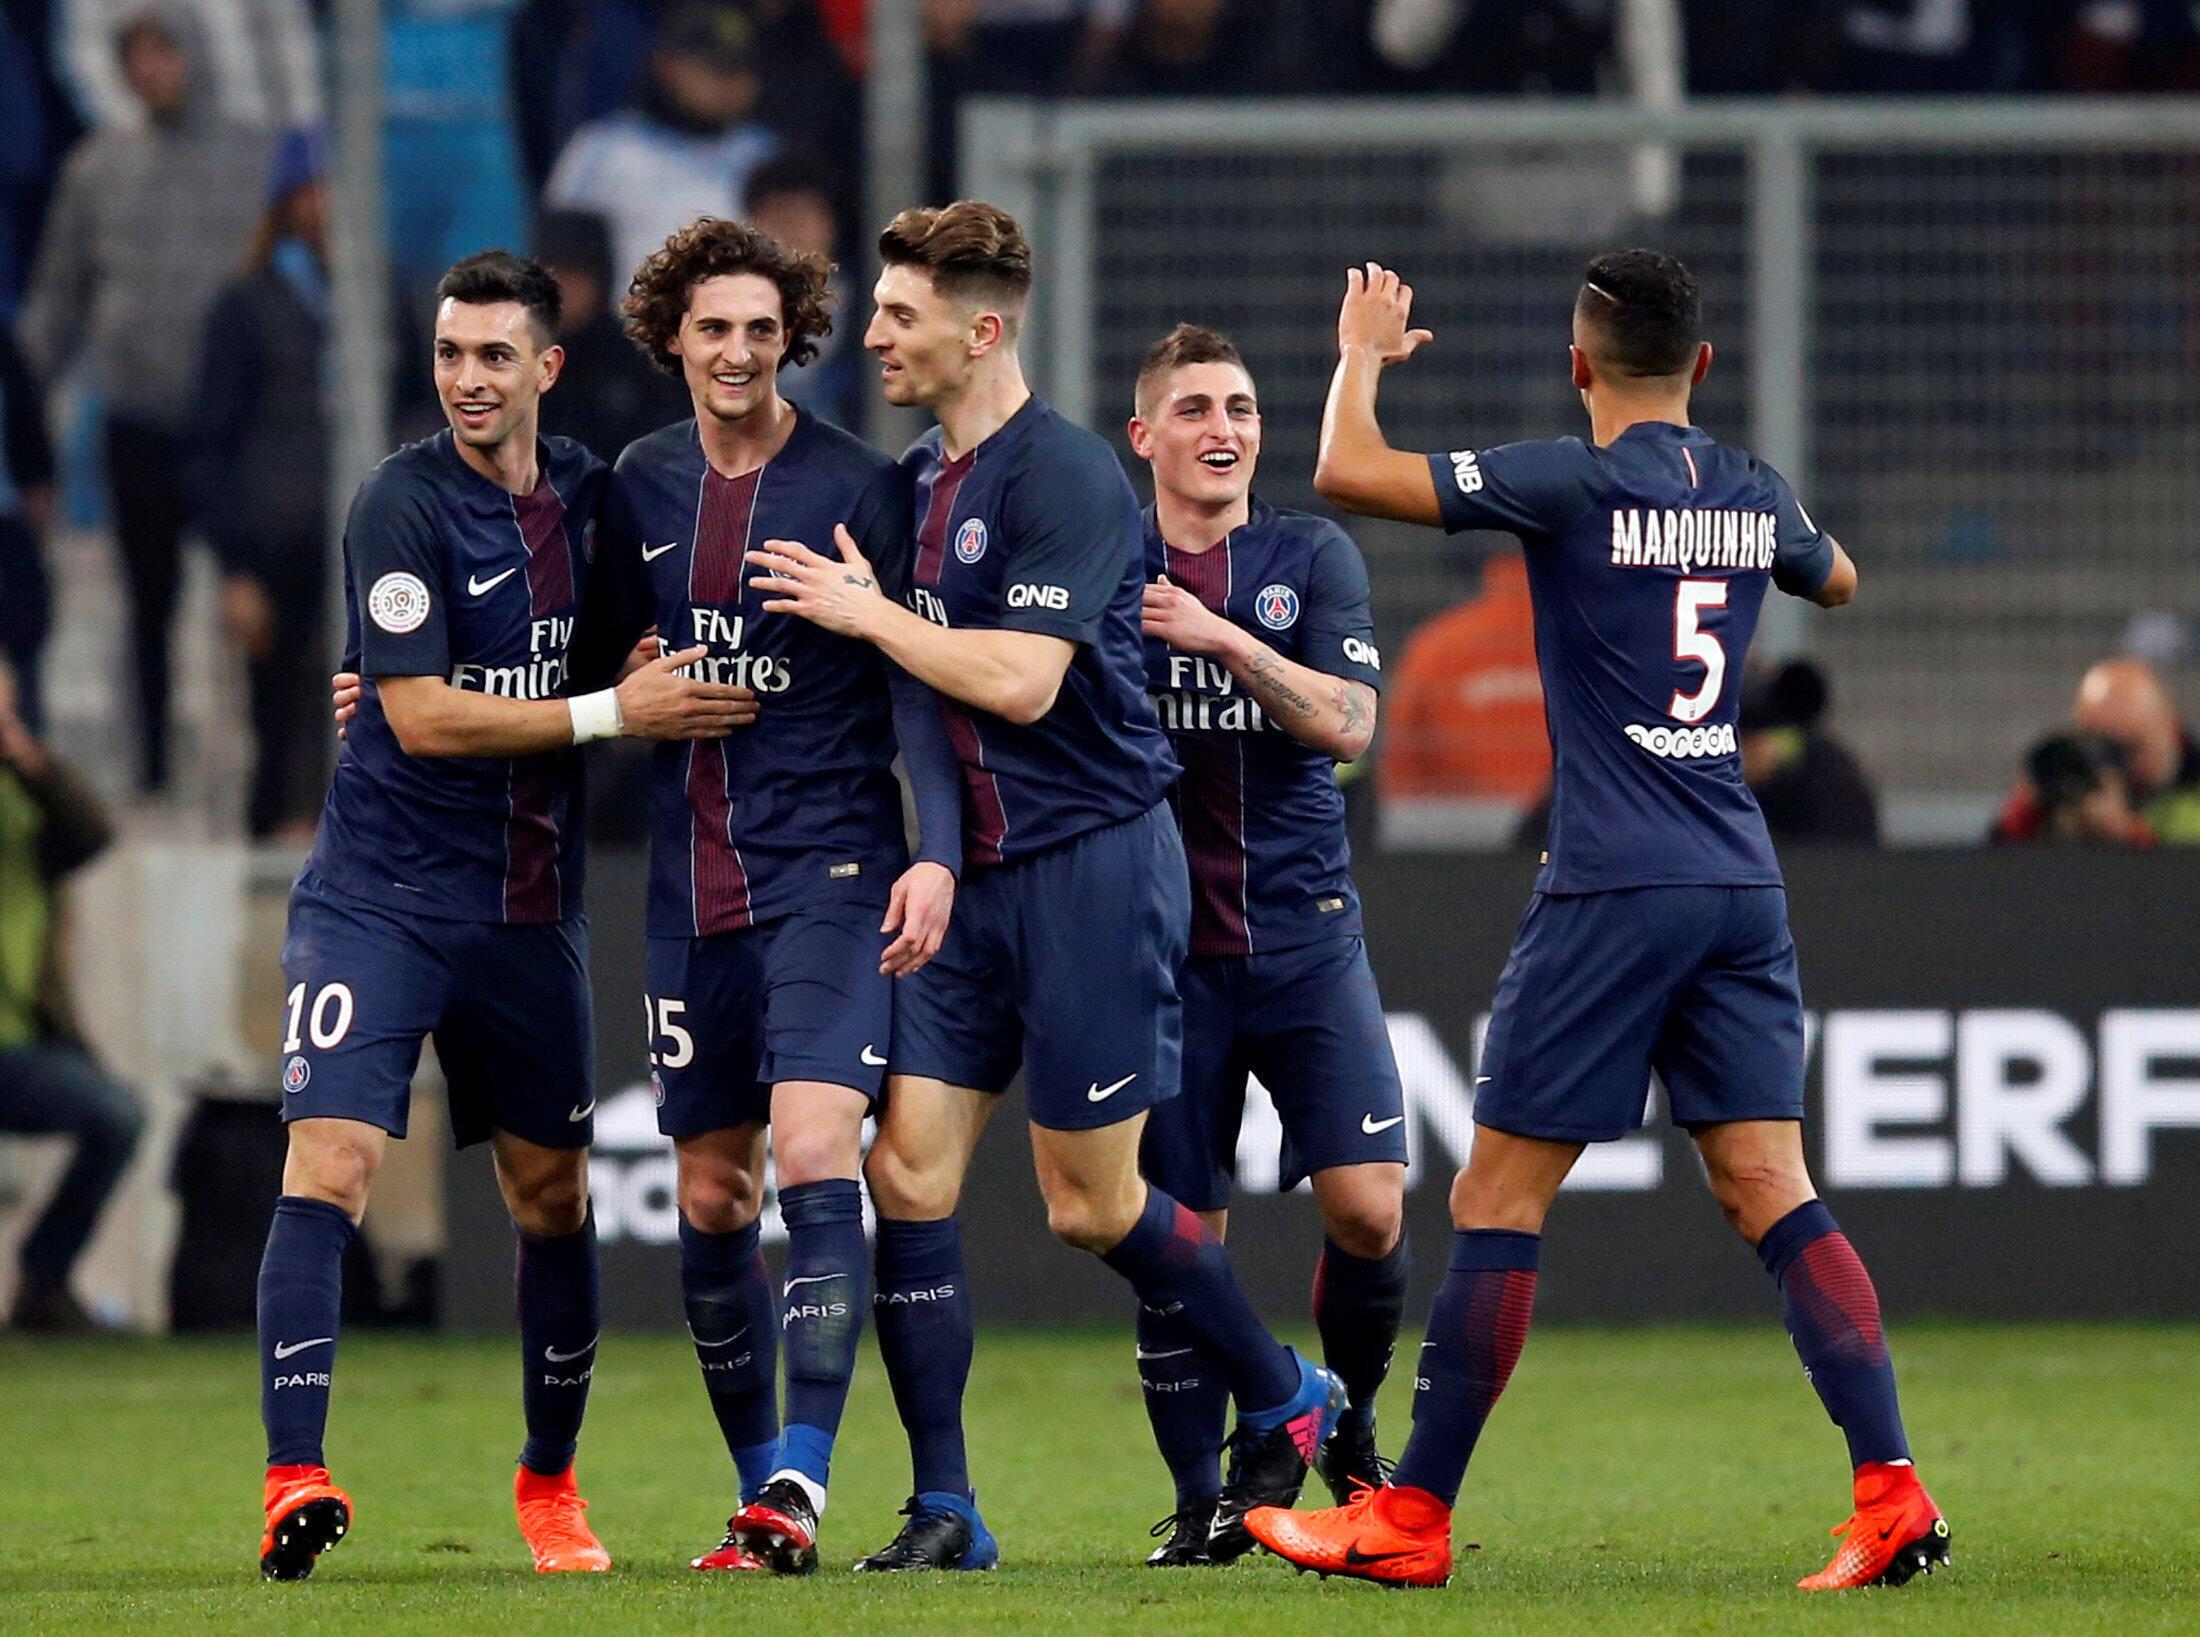 Los futbolistas del PSG celebran un gol durante el partido ante Marsella, el 26 de febrero de 2017.